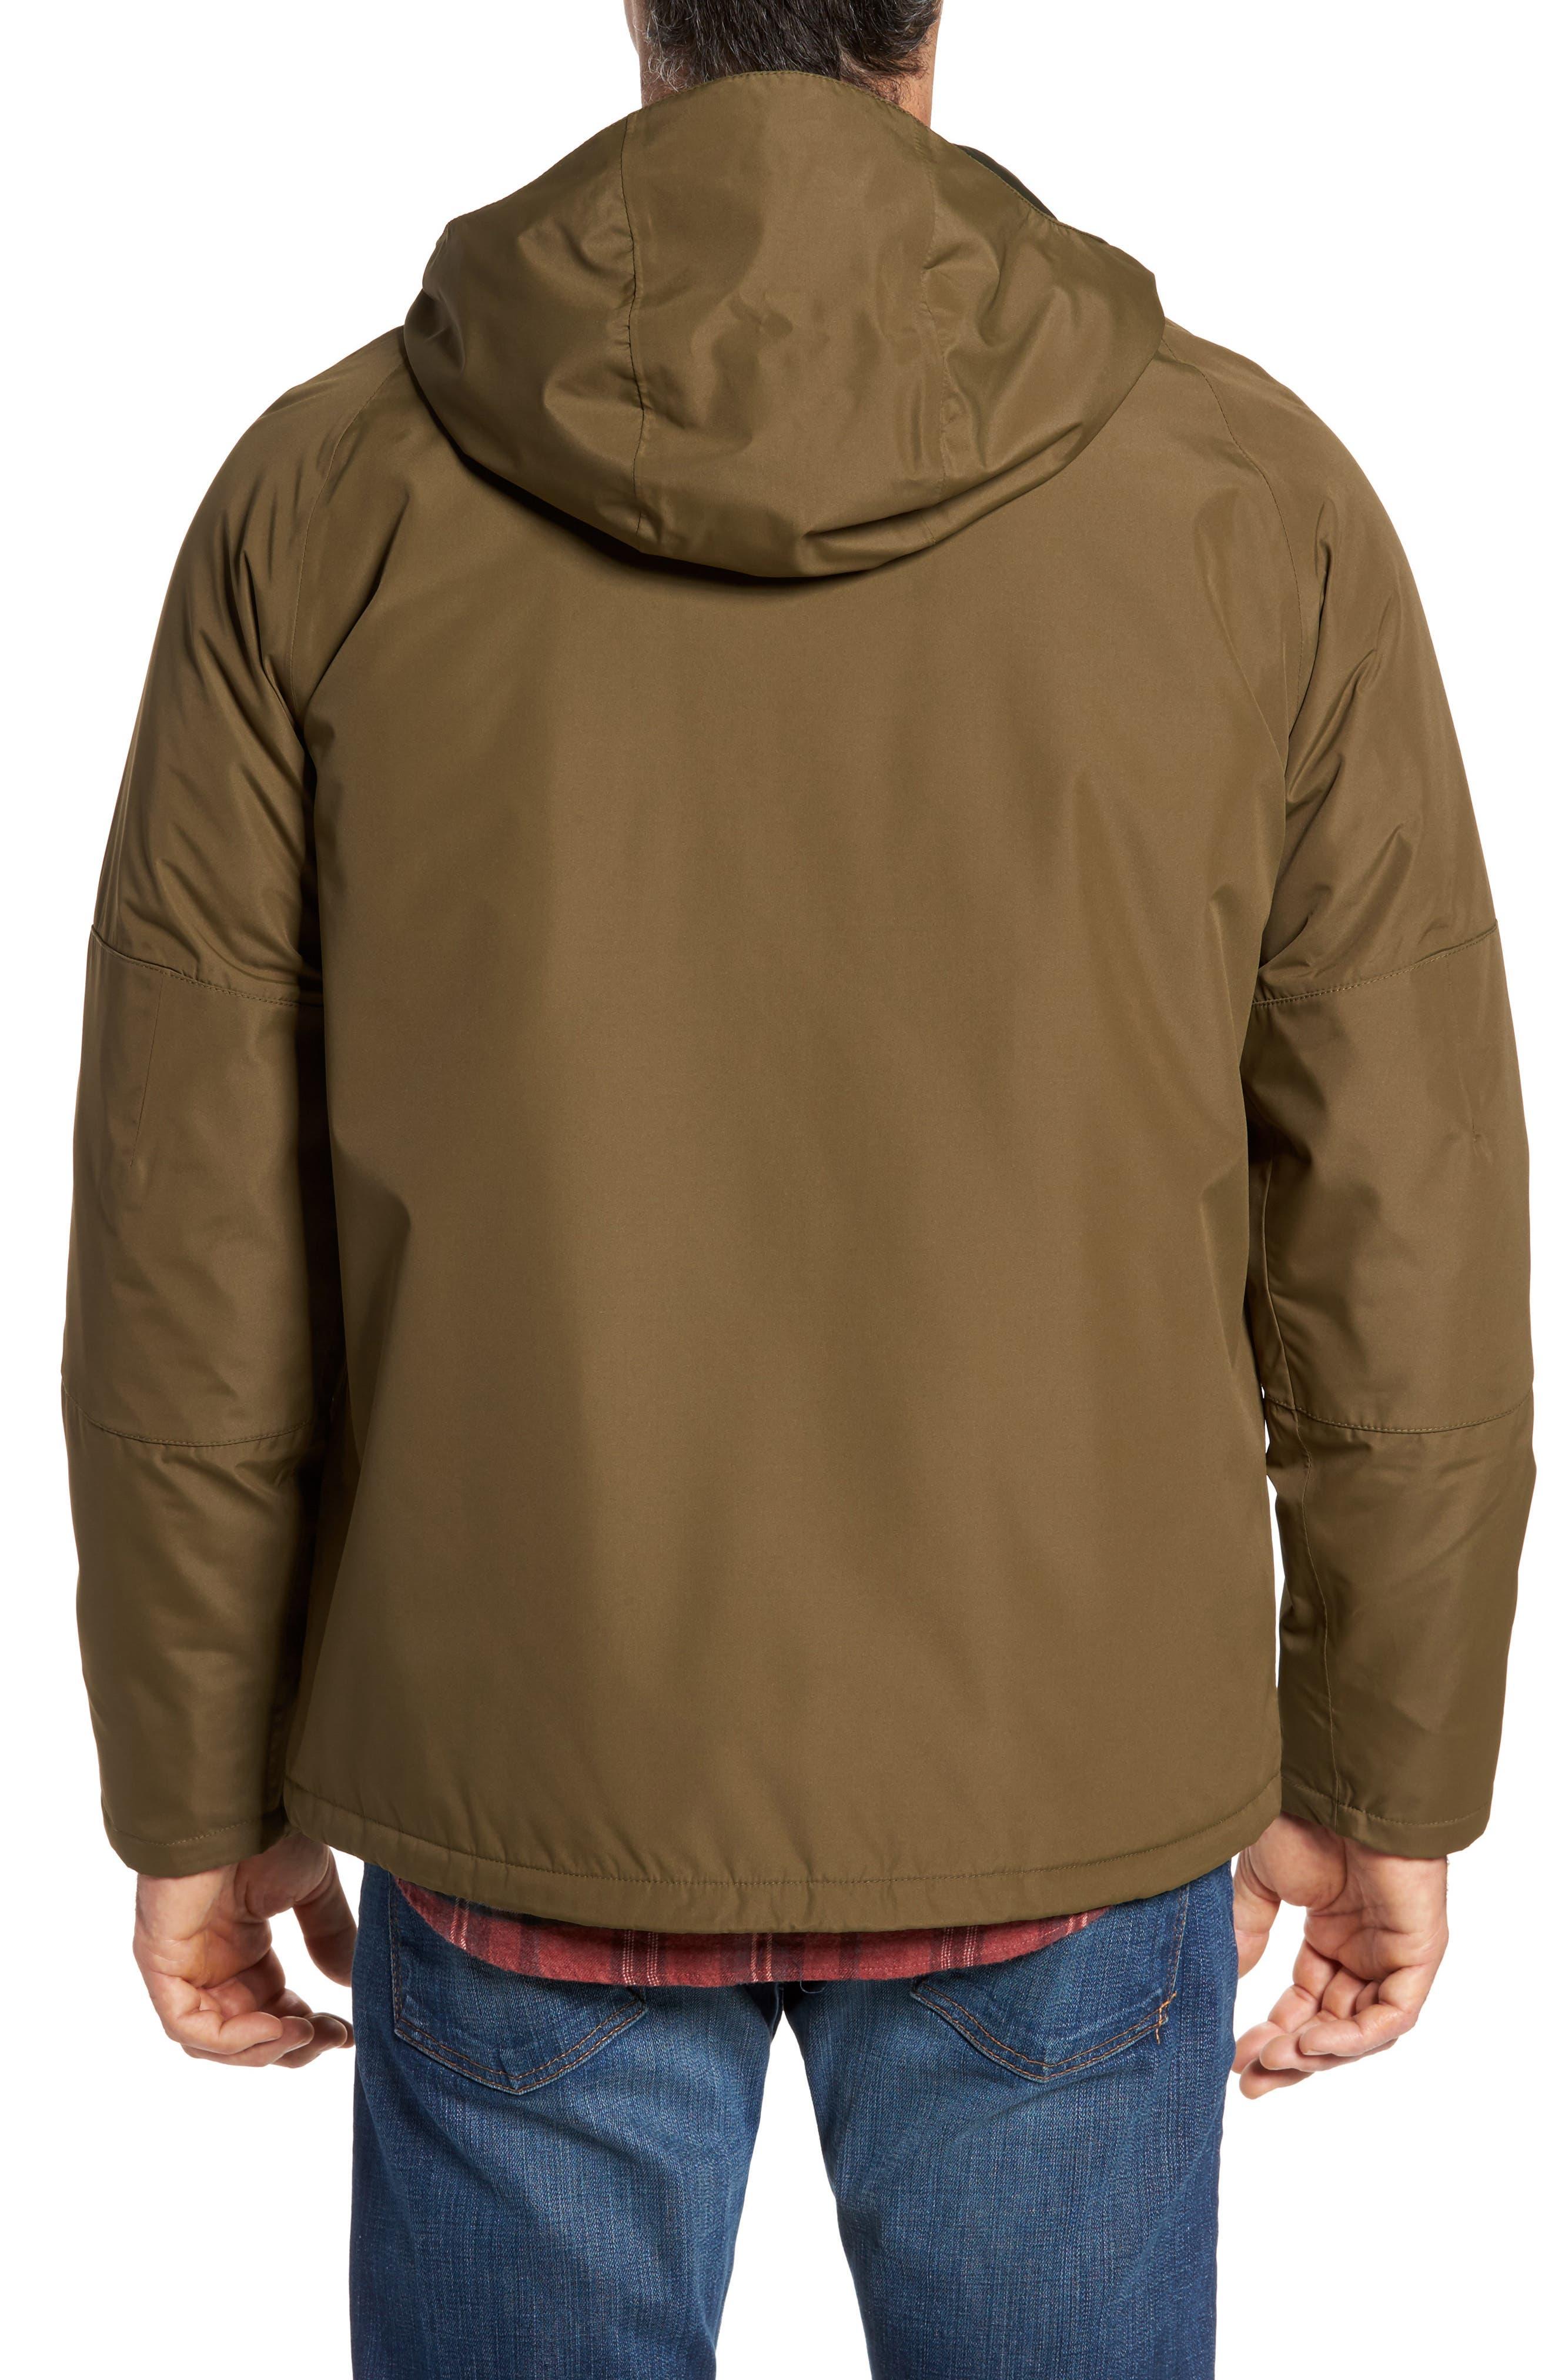 Rydal Waterproof Hooded Jacket,                             Alternate thumbnail 2, color,                             340